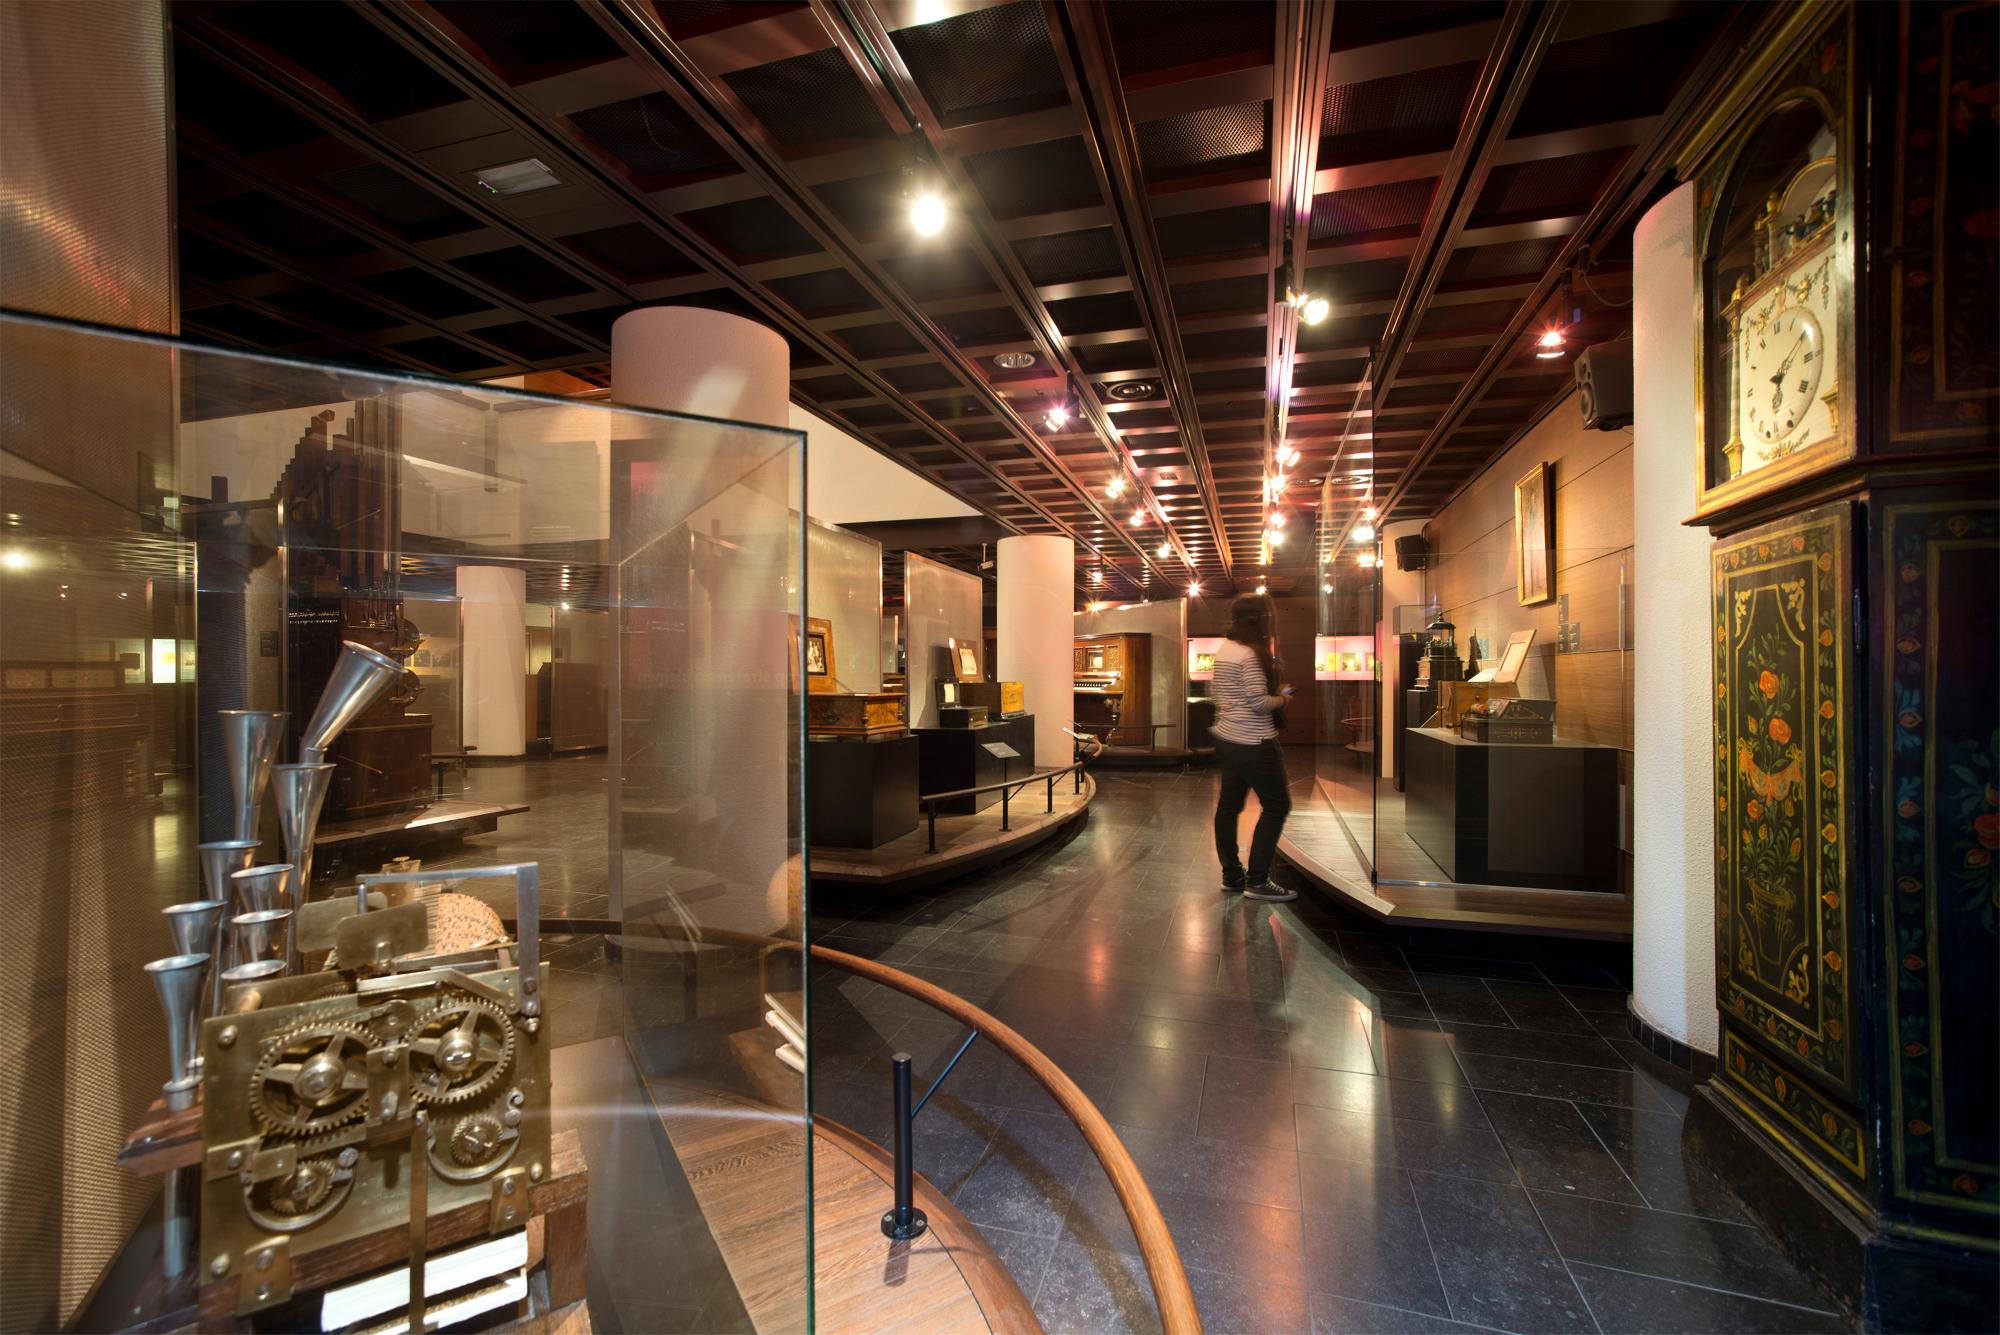 MIM - Muziekinstrumentenmuseum - Brussels Museums